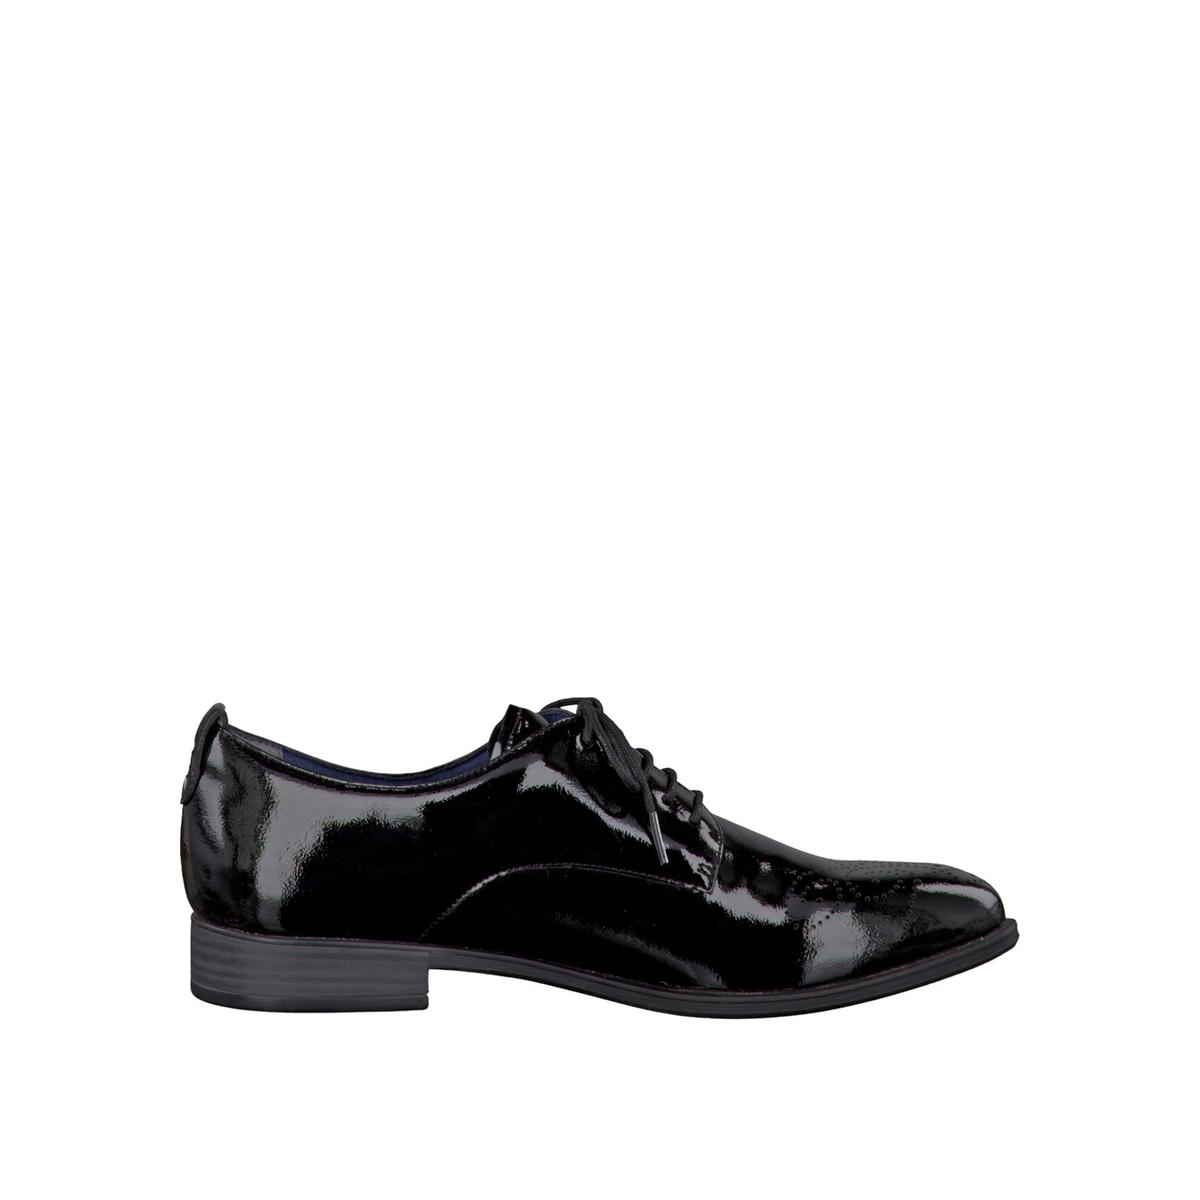 Ботинки-дерби лакированные 23201-28Верх/Голенище: синтетика.Подкладка: кожа и текстиль.Стелька: кожа.  Подошва: синтетика.Высота каблука: 2,5 см.  Форма каблука: плоский каблук.  Мысок: закругленный.Застежка: шнуровка.<br><br>Цвет: Черный лак<br>Размер: 39